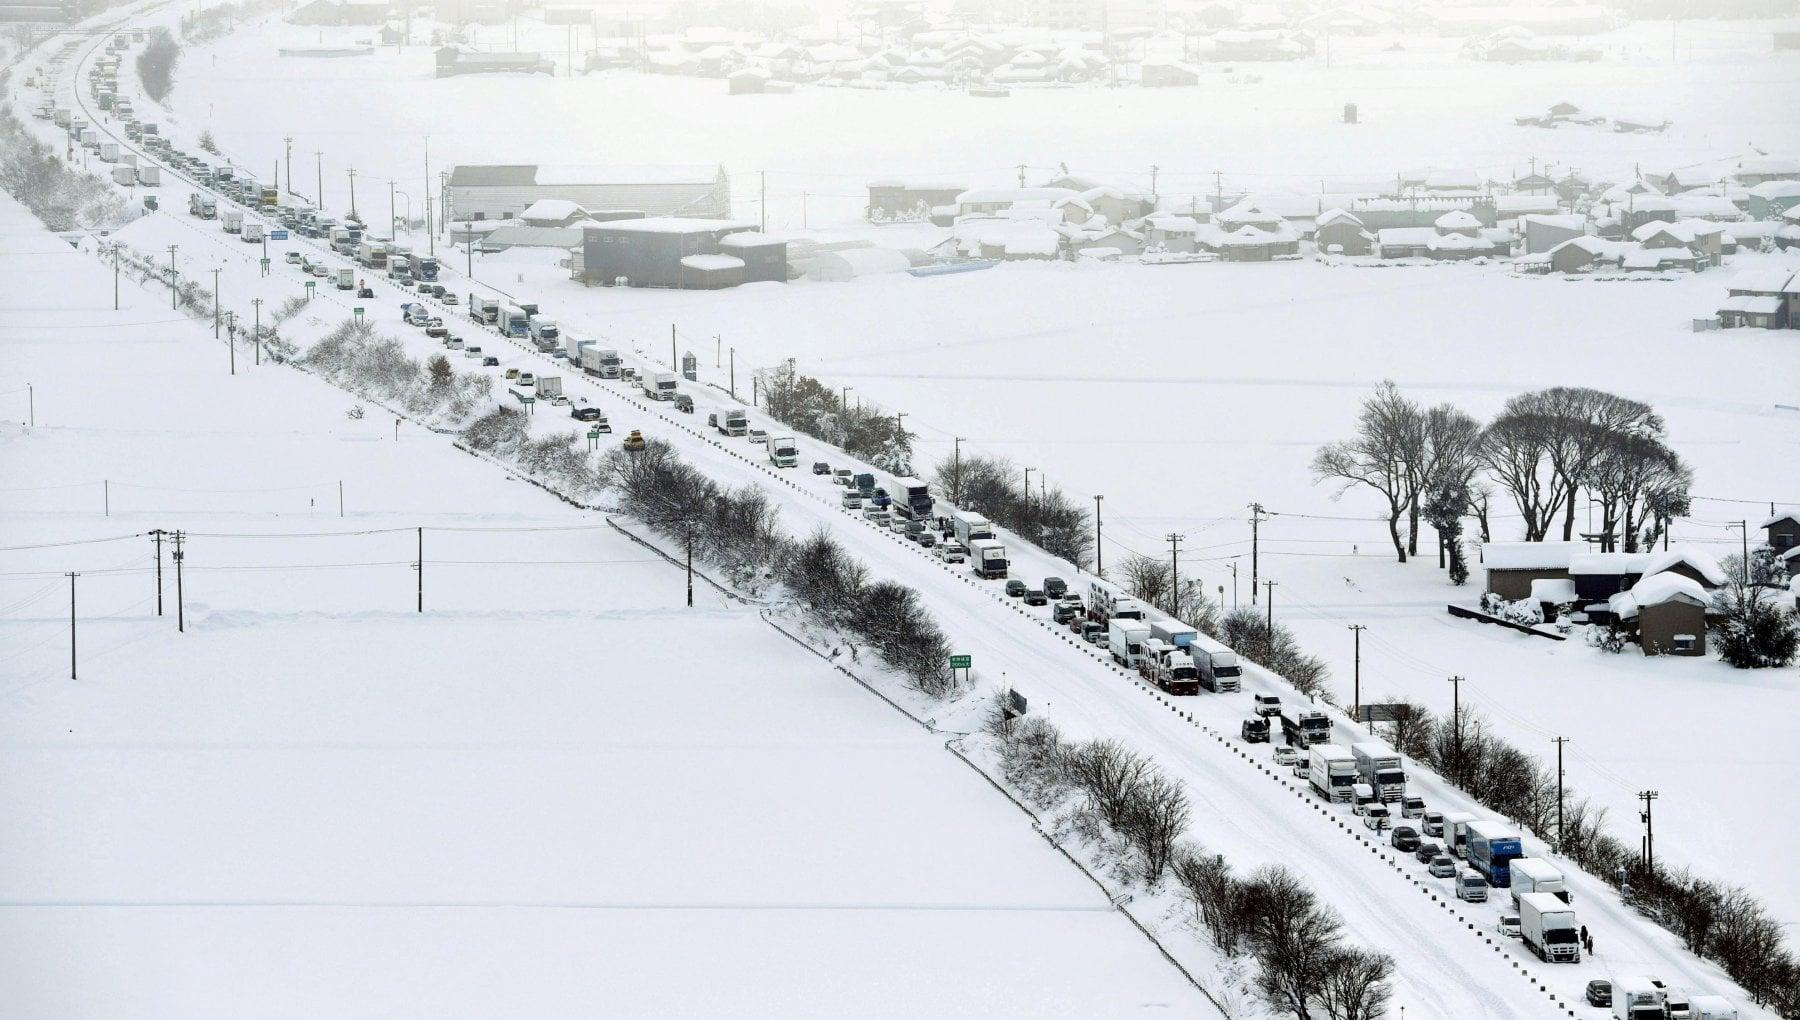 041347197 580248b3 a043 4fbb 826c d010c793e713 - Maxi nevicata in Giappone: 1.200 veicoli bloccati in autostrada